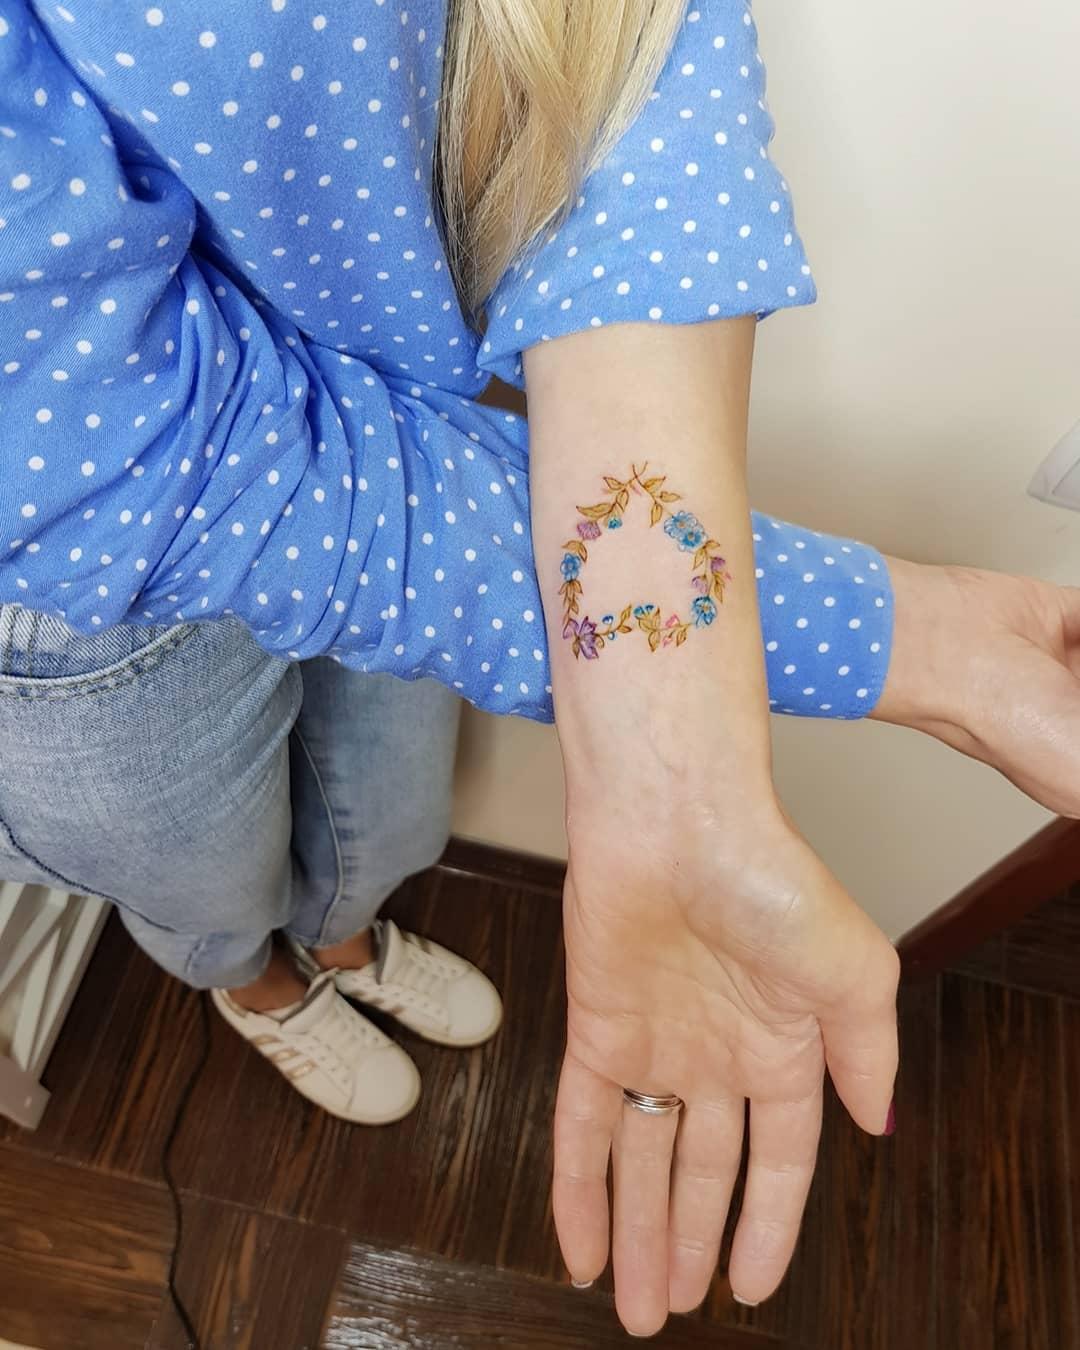 Татуировка Бабочек в Виде Сердца на Руке